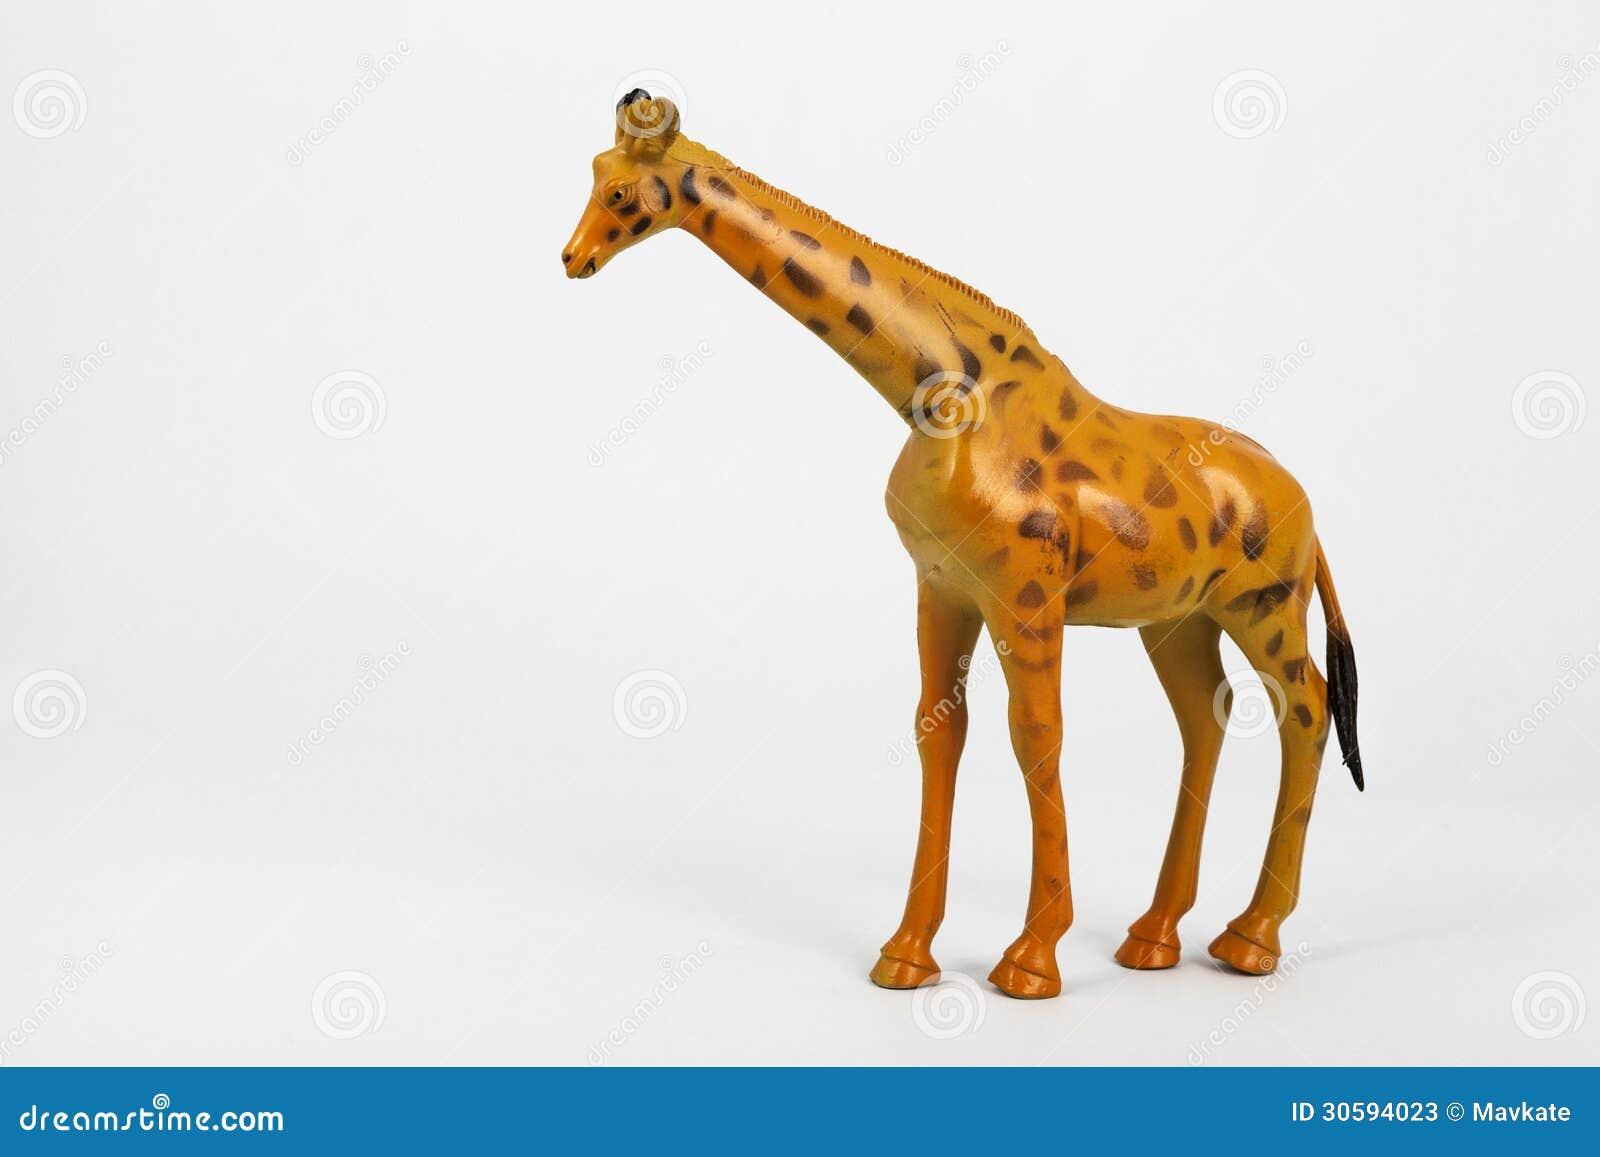 Animaux En Plastique Jouet animaux en plastique girafe et éléphant de jouet image stock